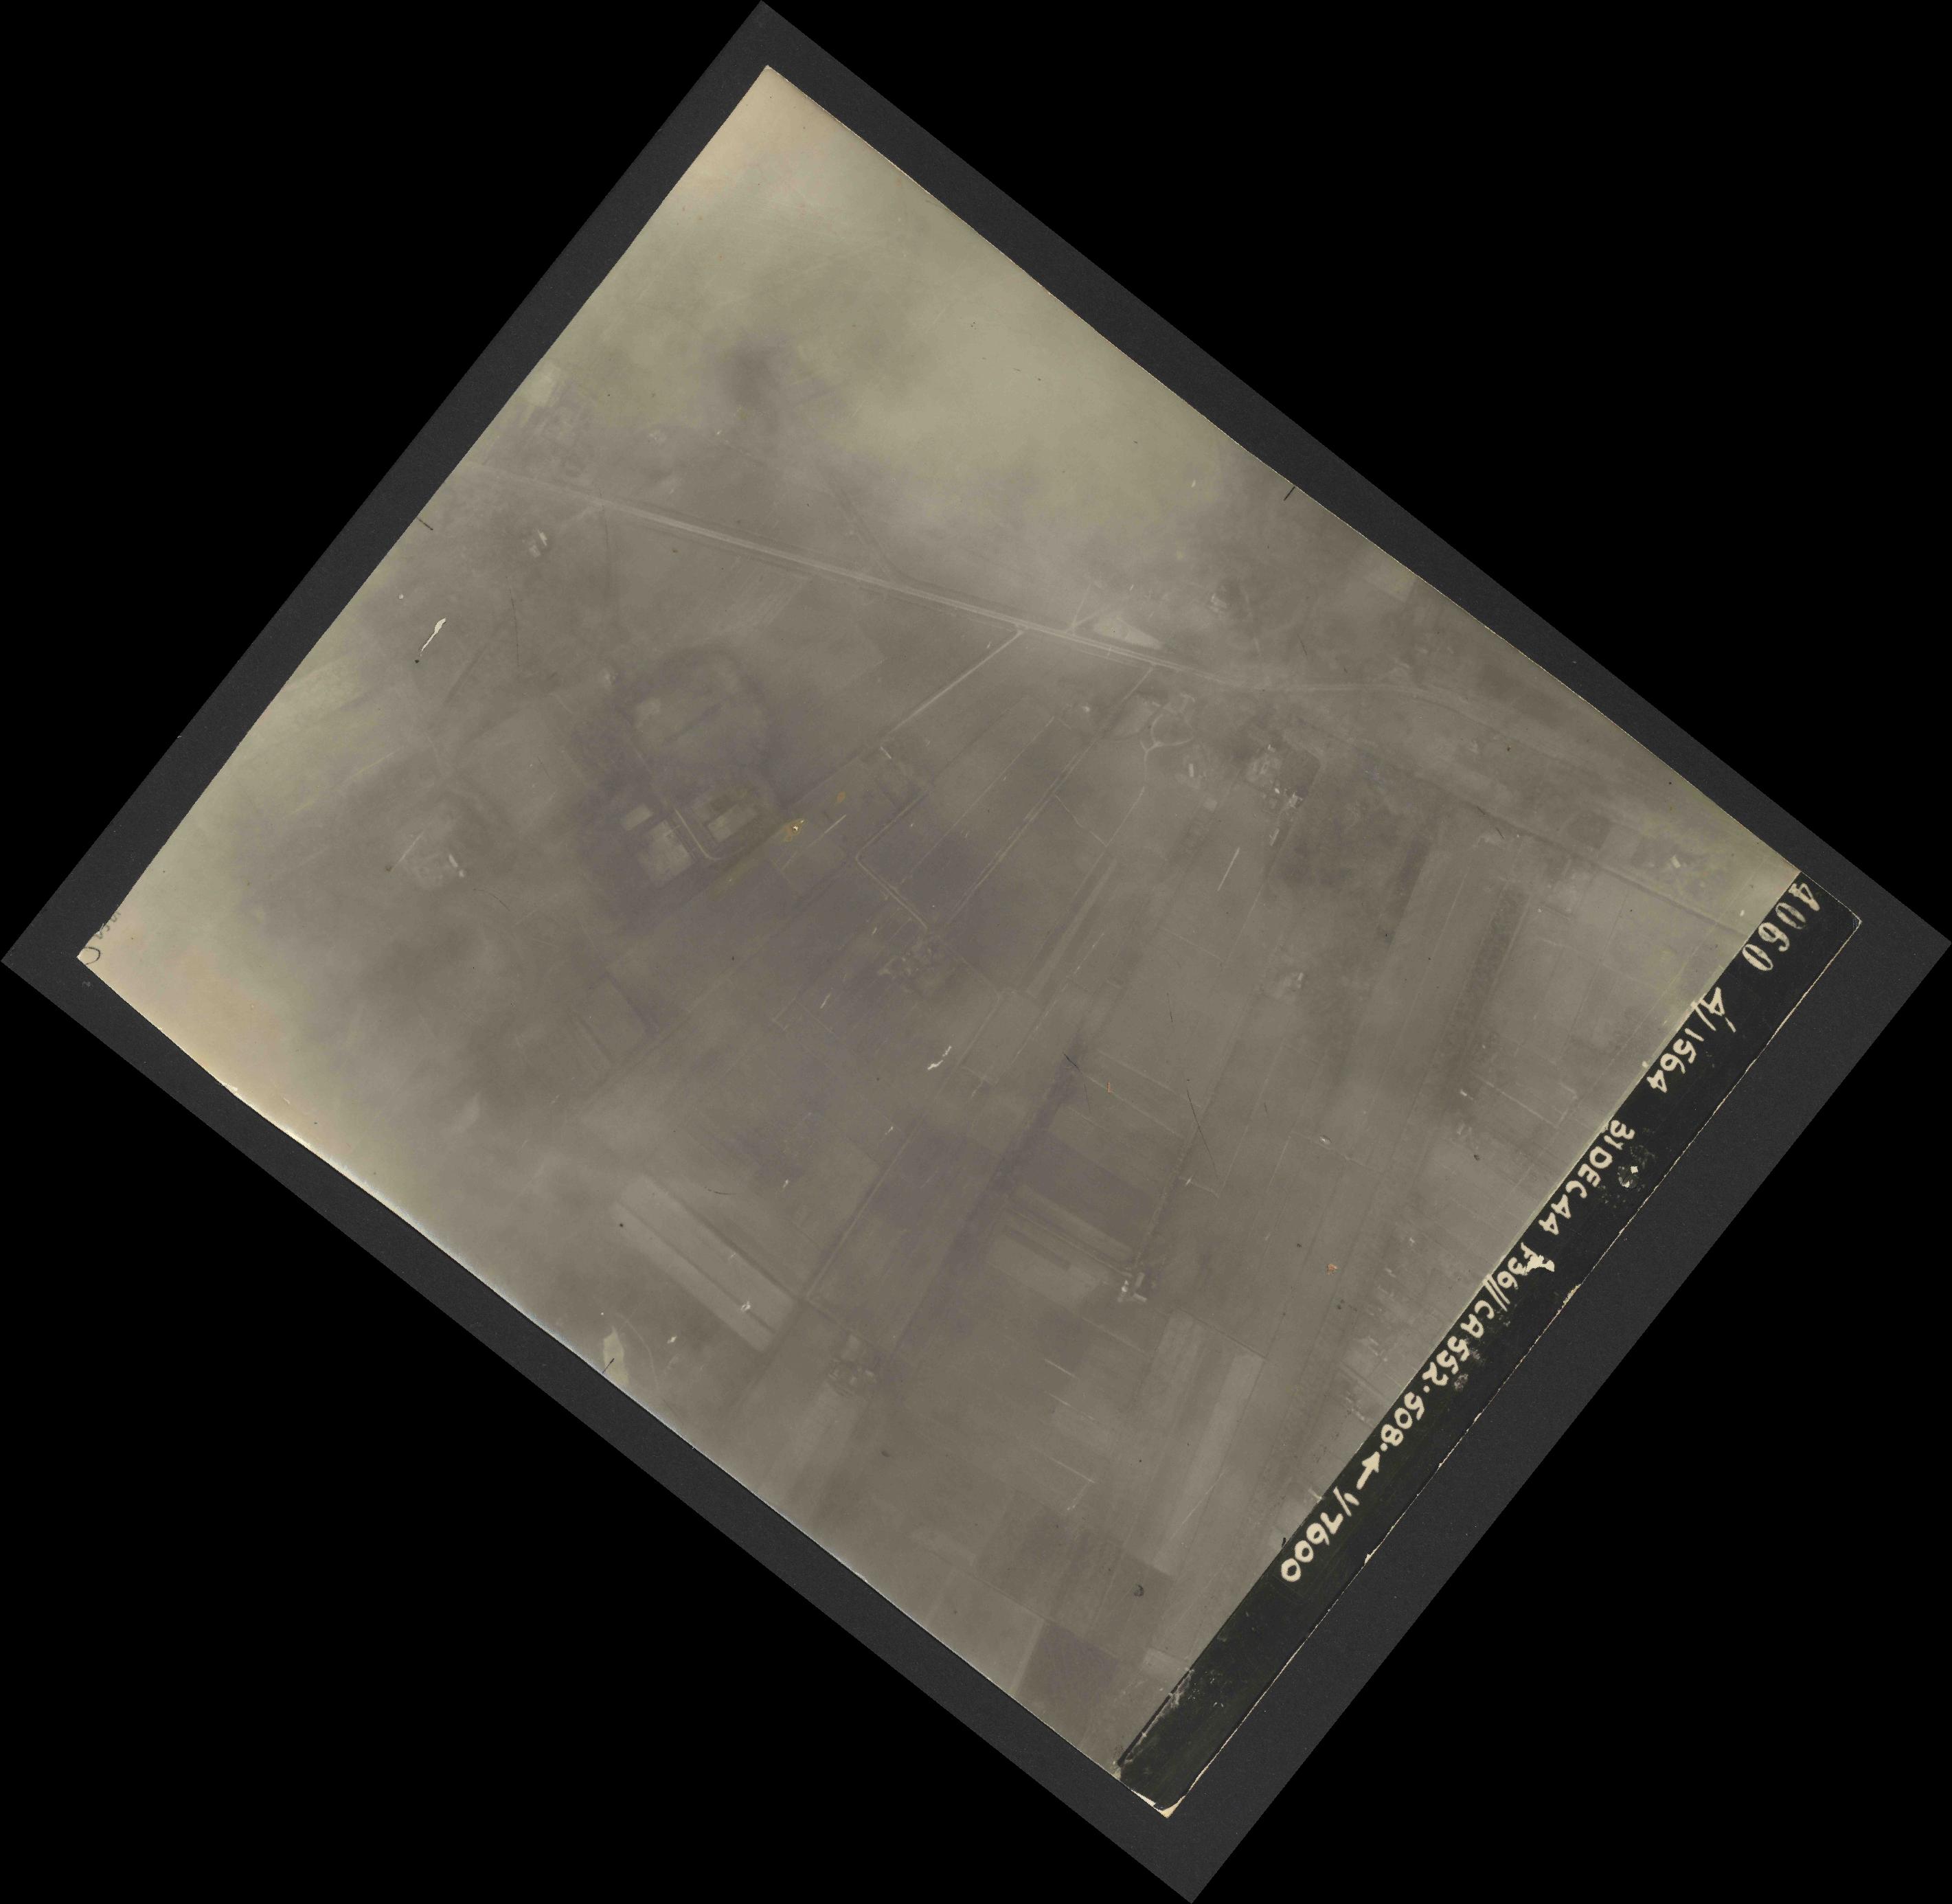 Collection RAF aerial photos 1940-1945 - flight 351, run 02, photo 4060